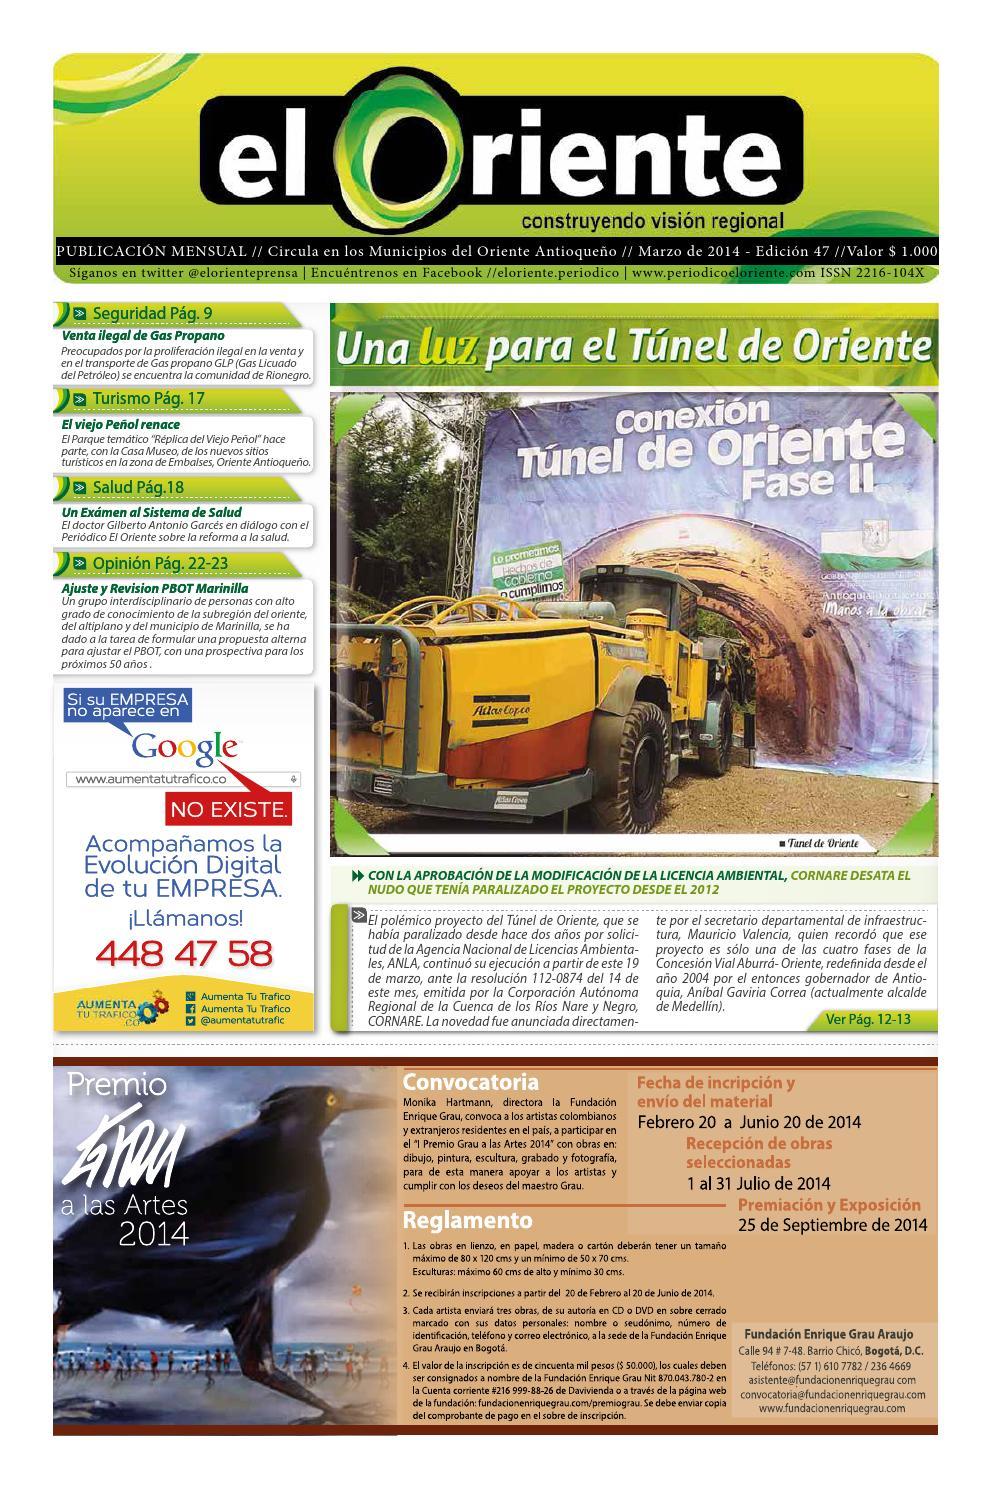 Periódico El Oriente edición 47 marzo 2014 by Periódico El Oriente ...